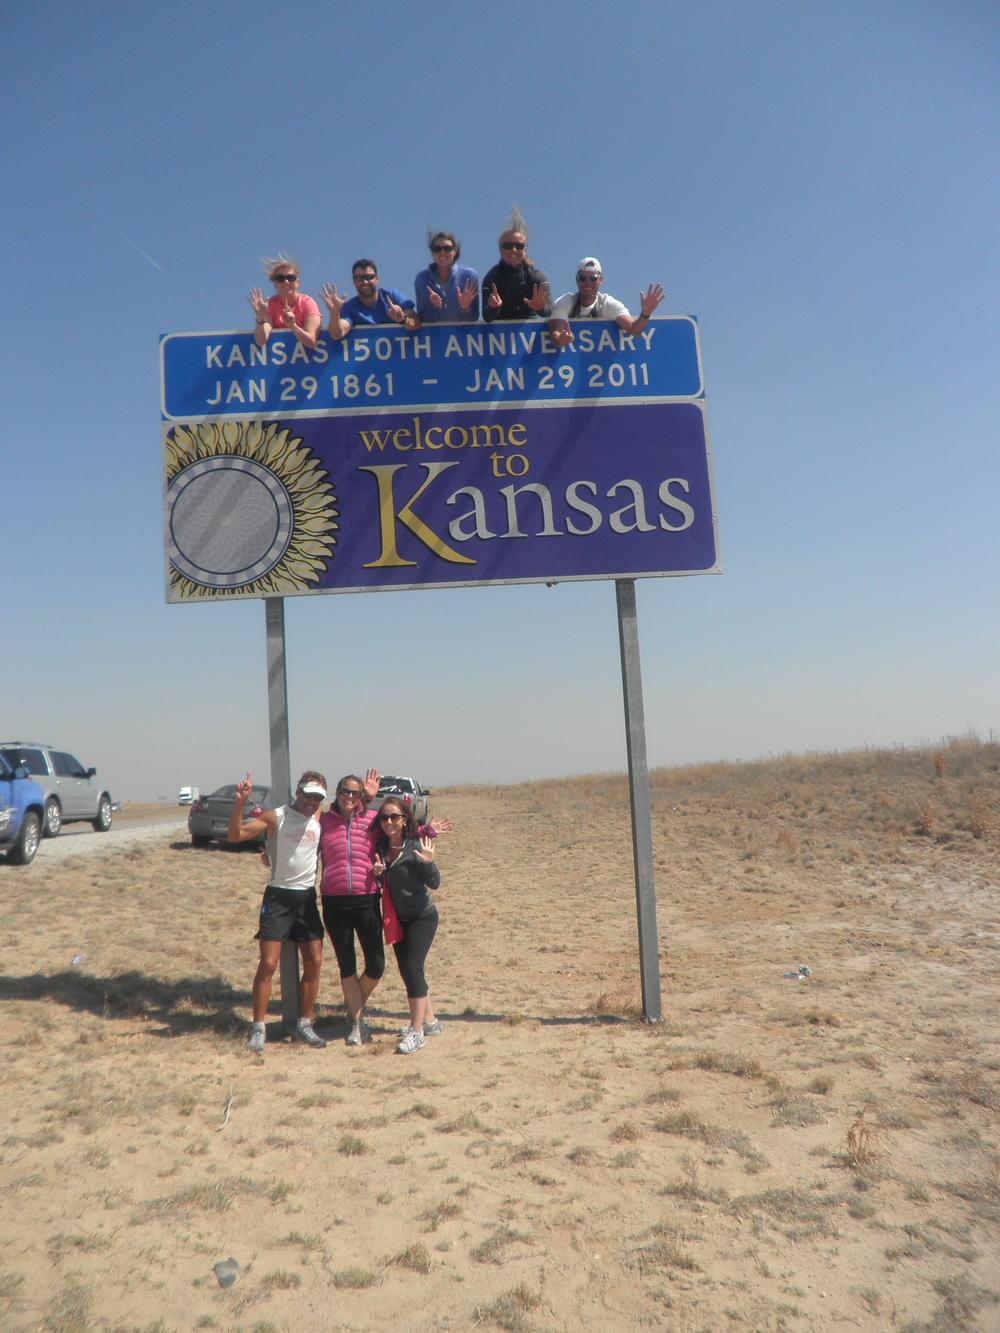 The 6th state we hit- Kansas!